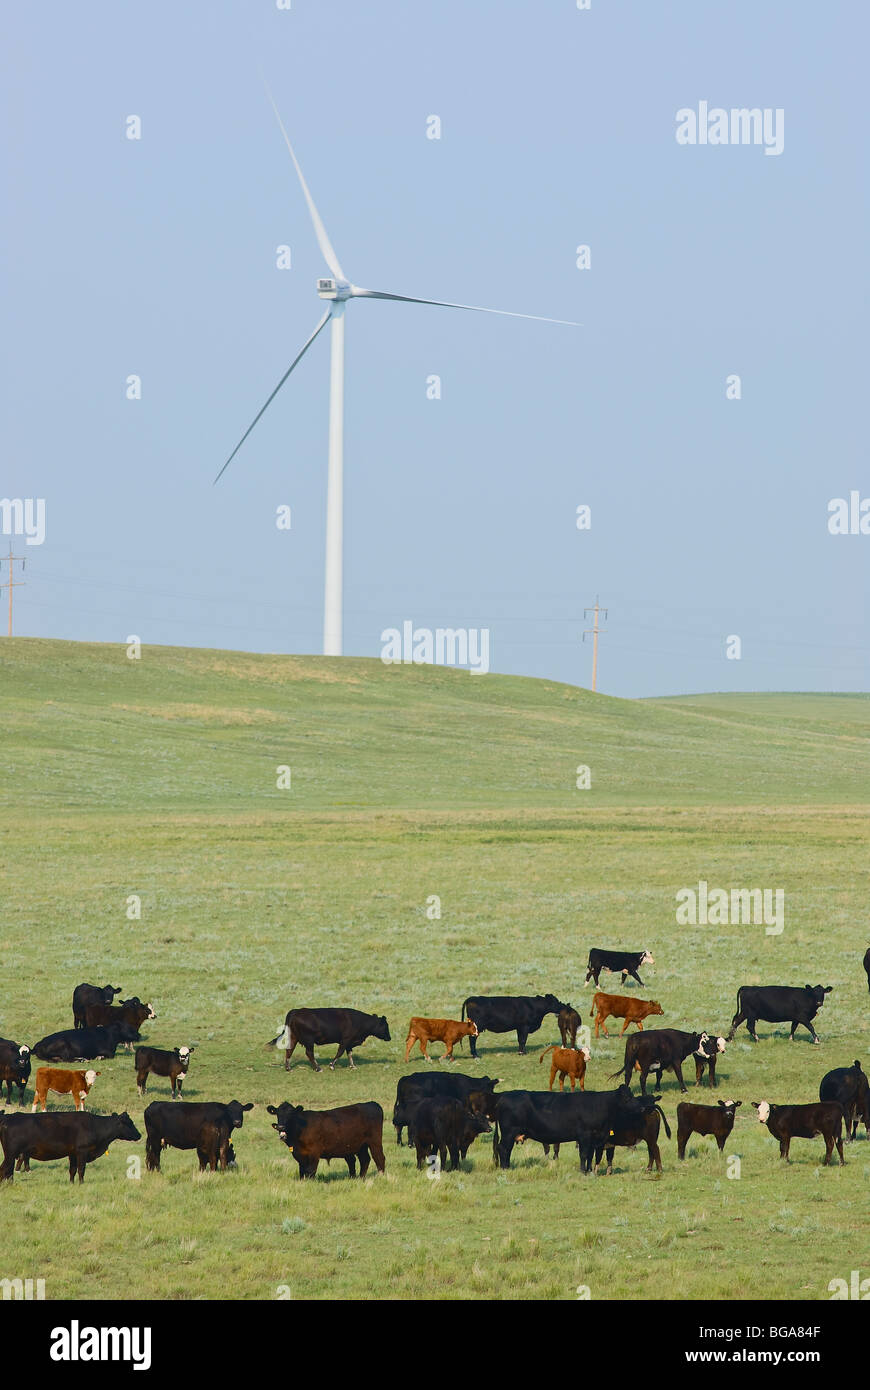 Utilizzazione mista del suolo. Bestiame sulla terra di gamma con energia di vento turbine. Immagini Stock